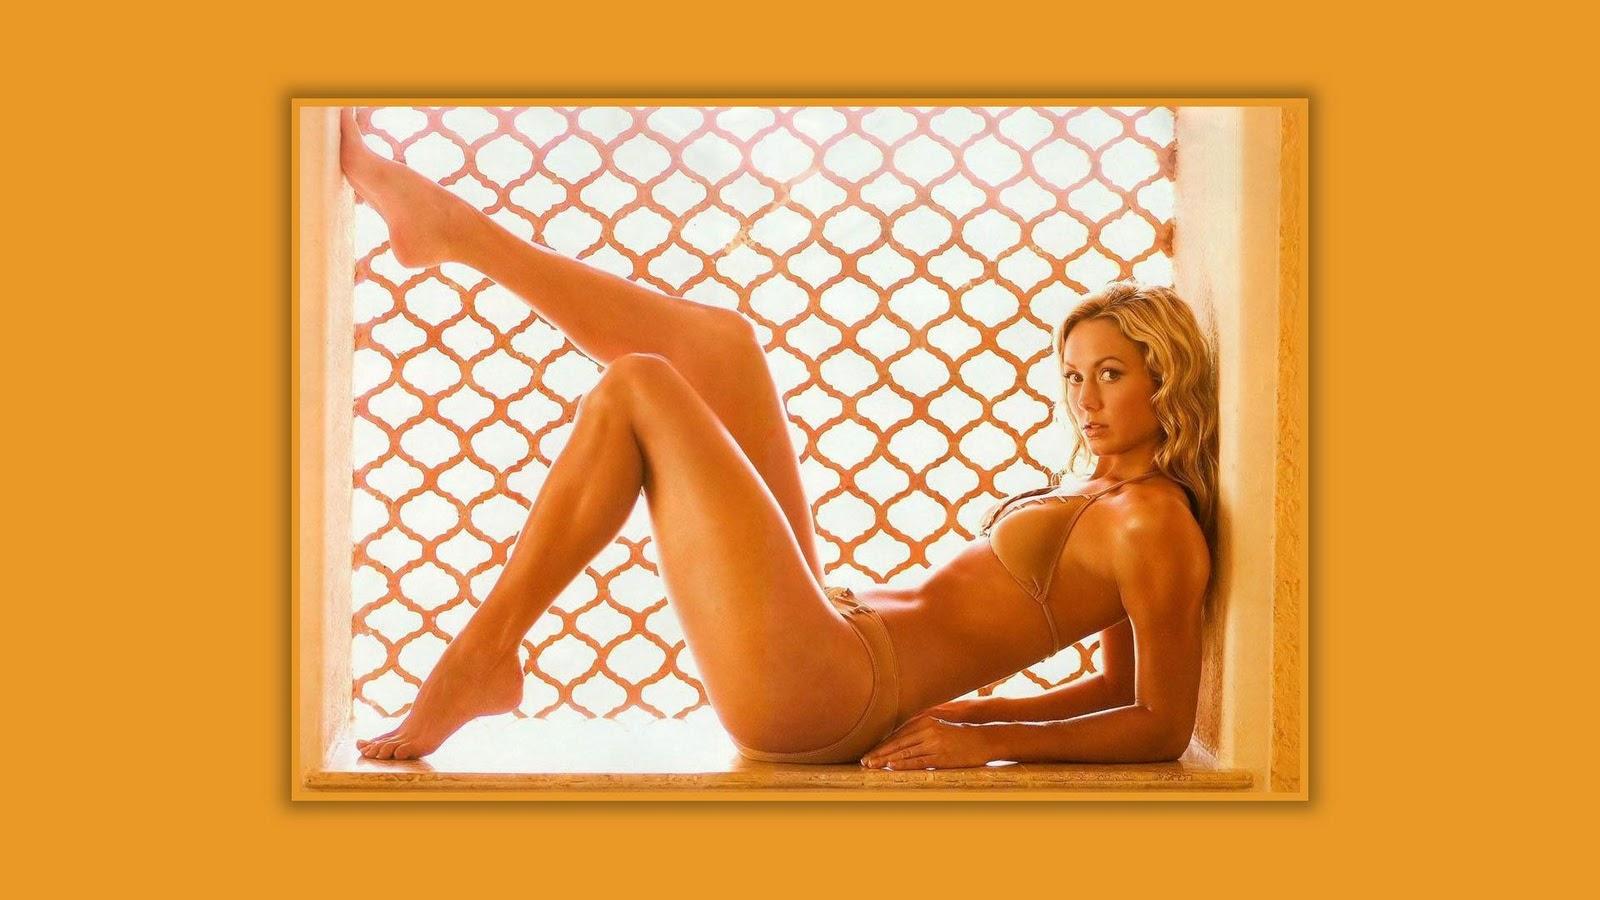 kartinki-blondinok-krasivih-ne-seksualnih